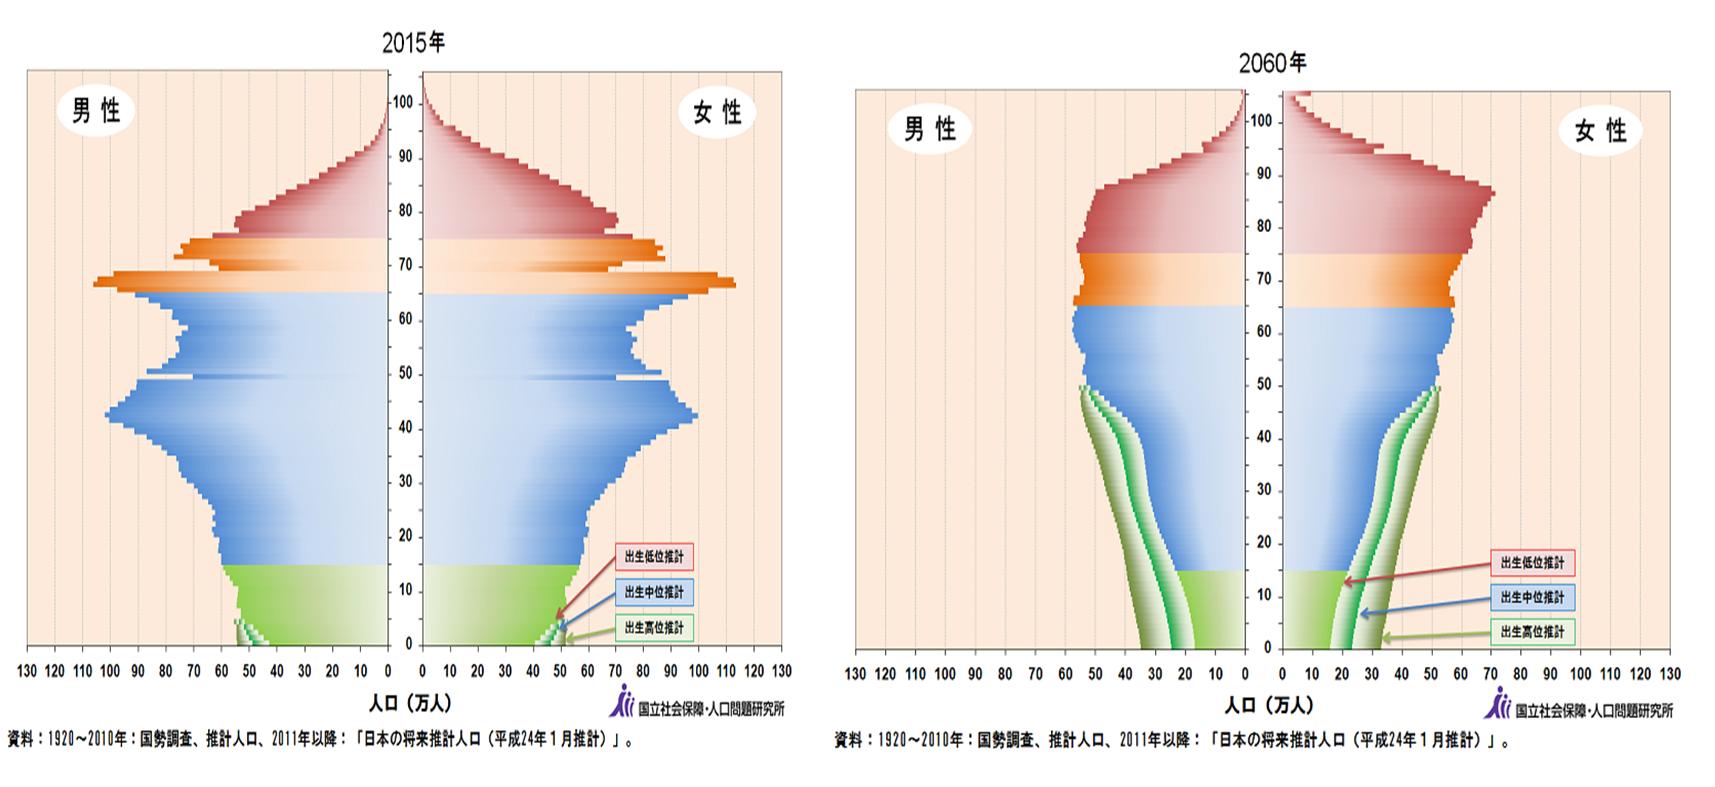 日本の将来人口推移